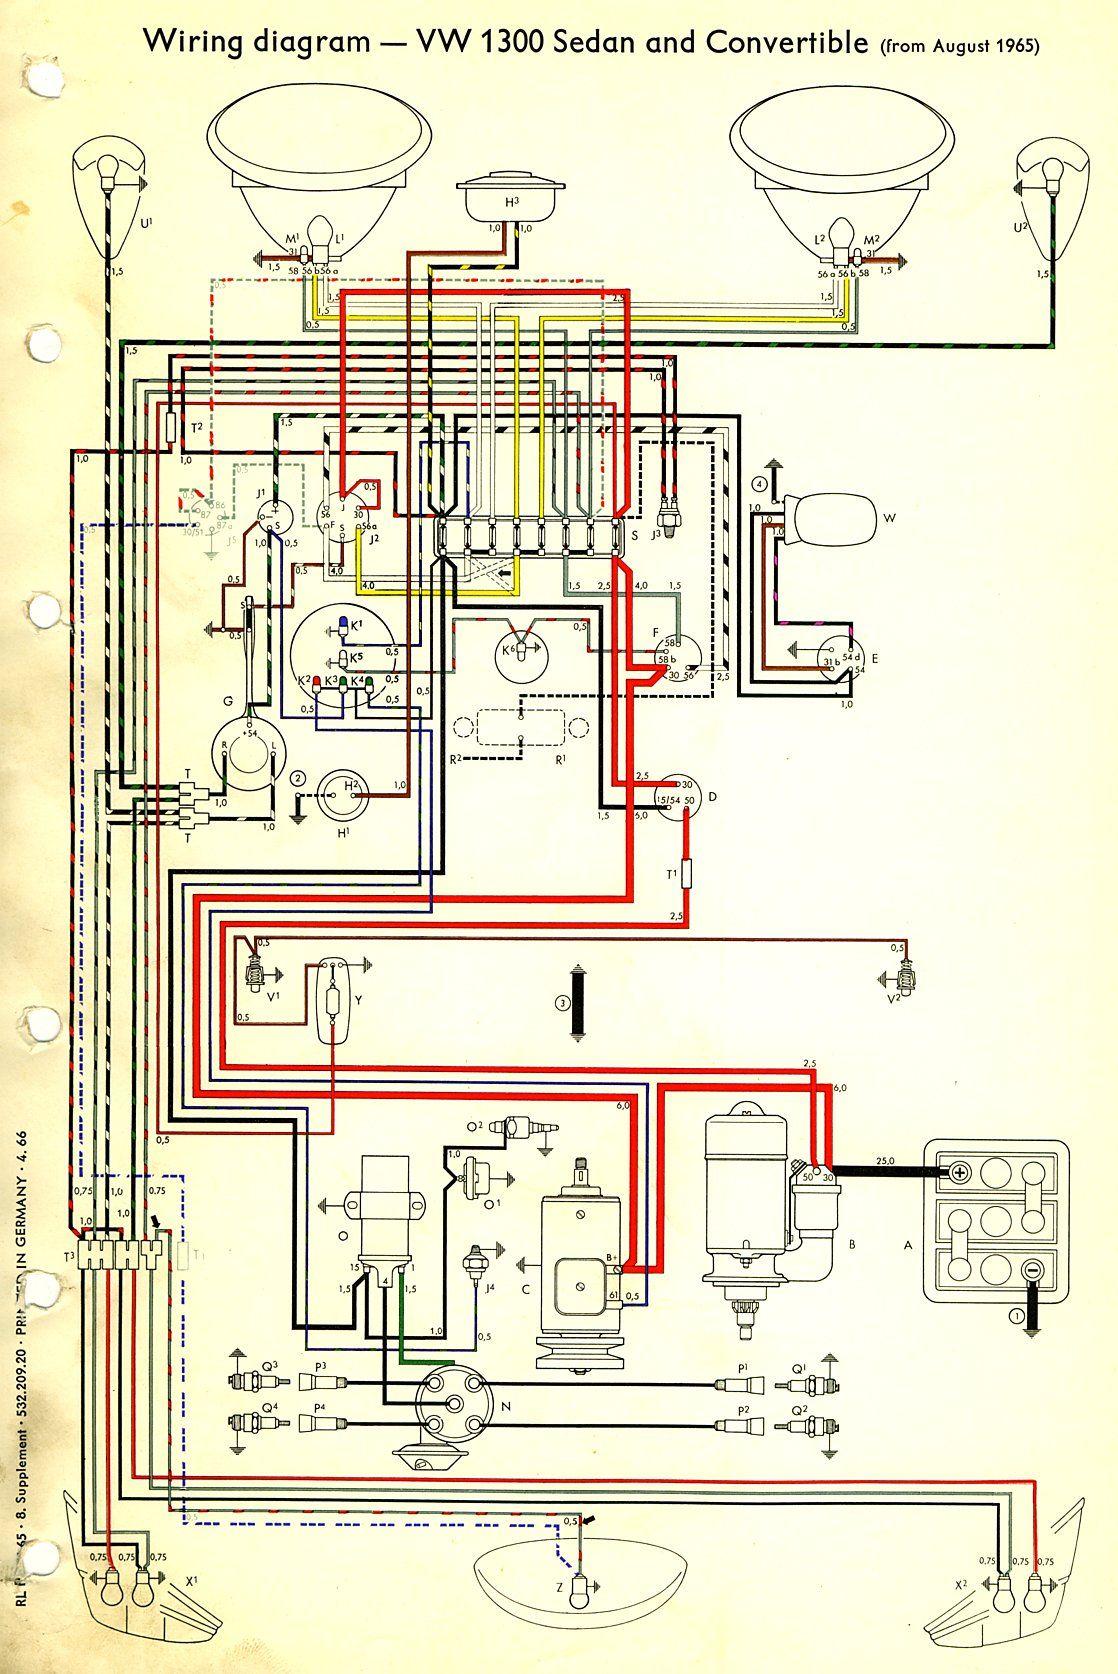 1963 vw van wiring diagram gk 7888  1967 vw bug wiring harness wiring diagram  1967 vw bug wiring harness wiring diagram